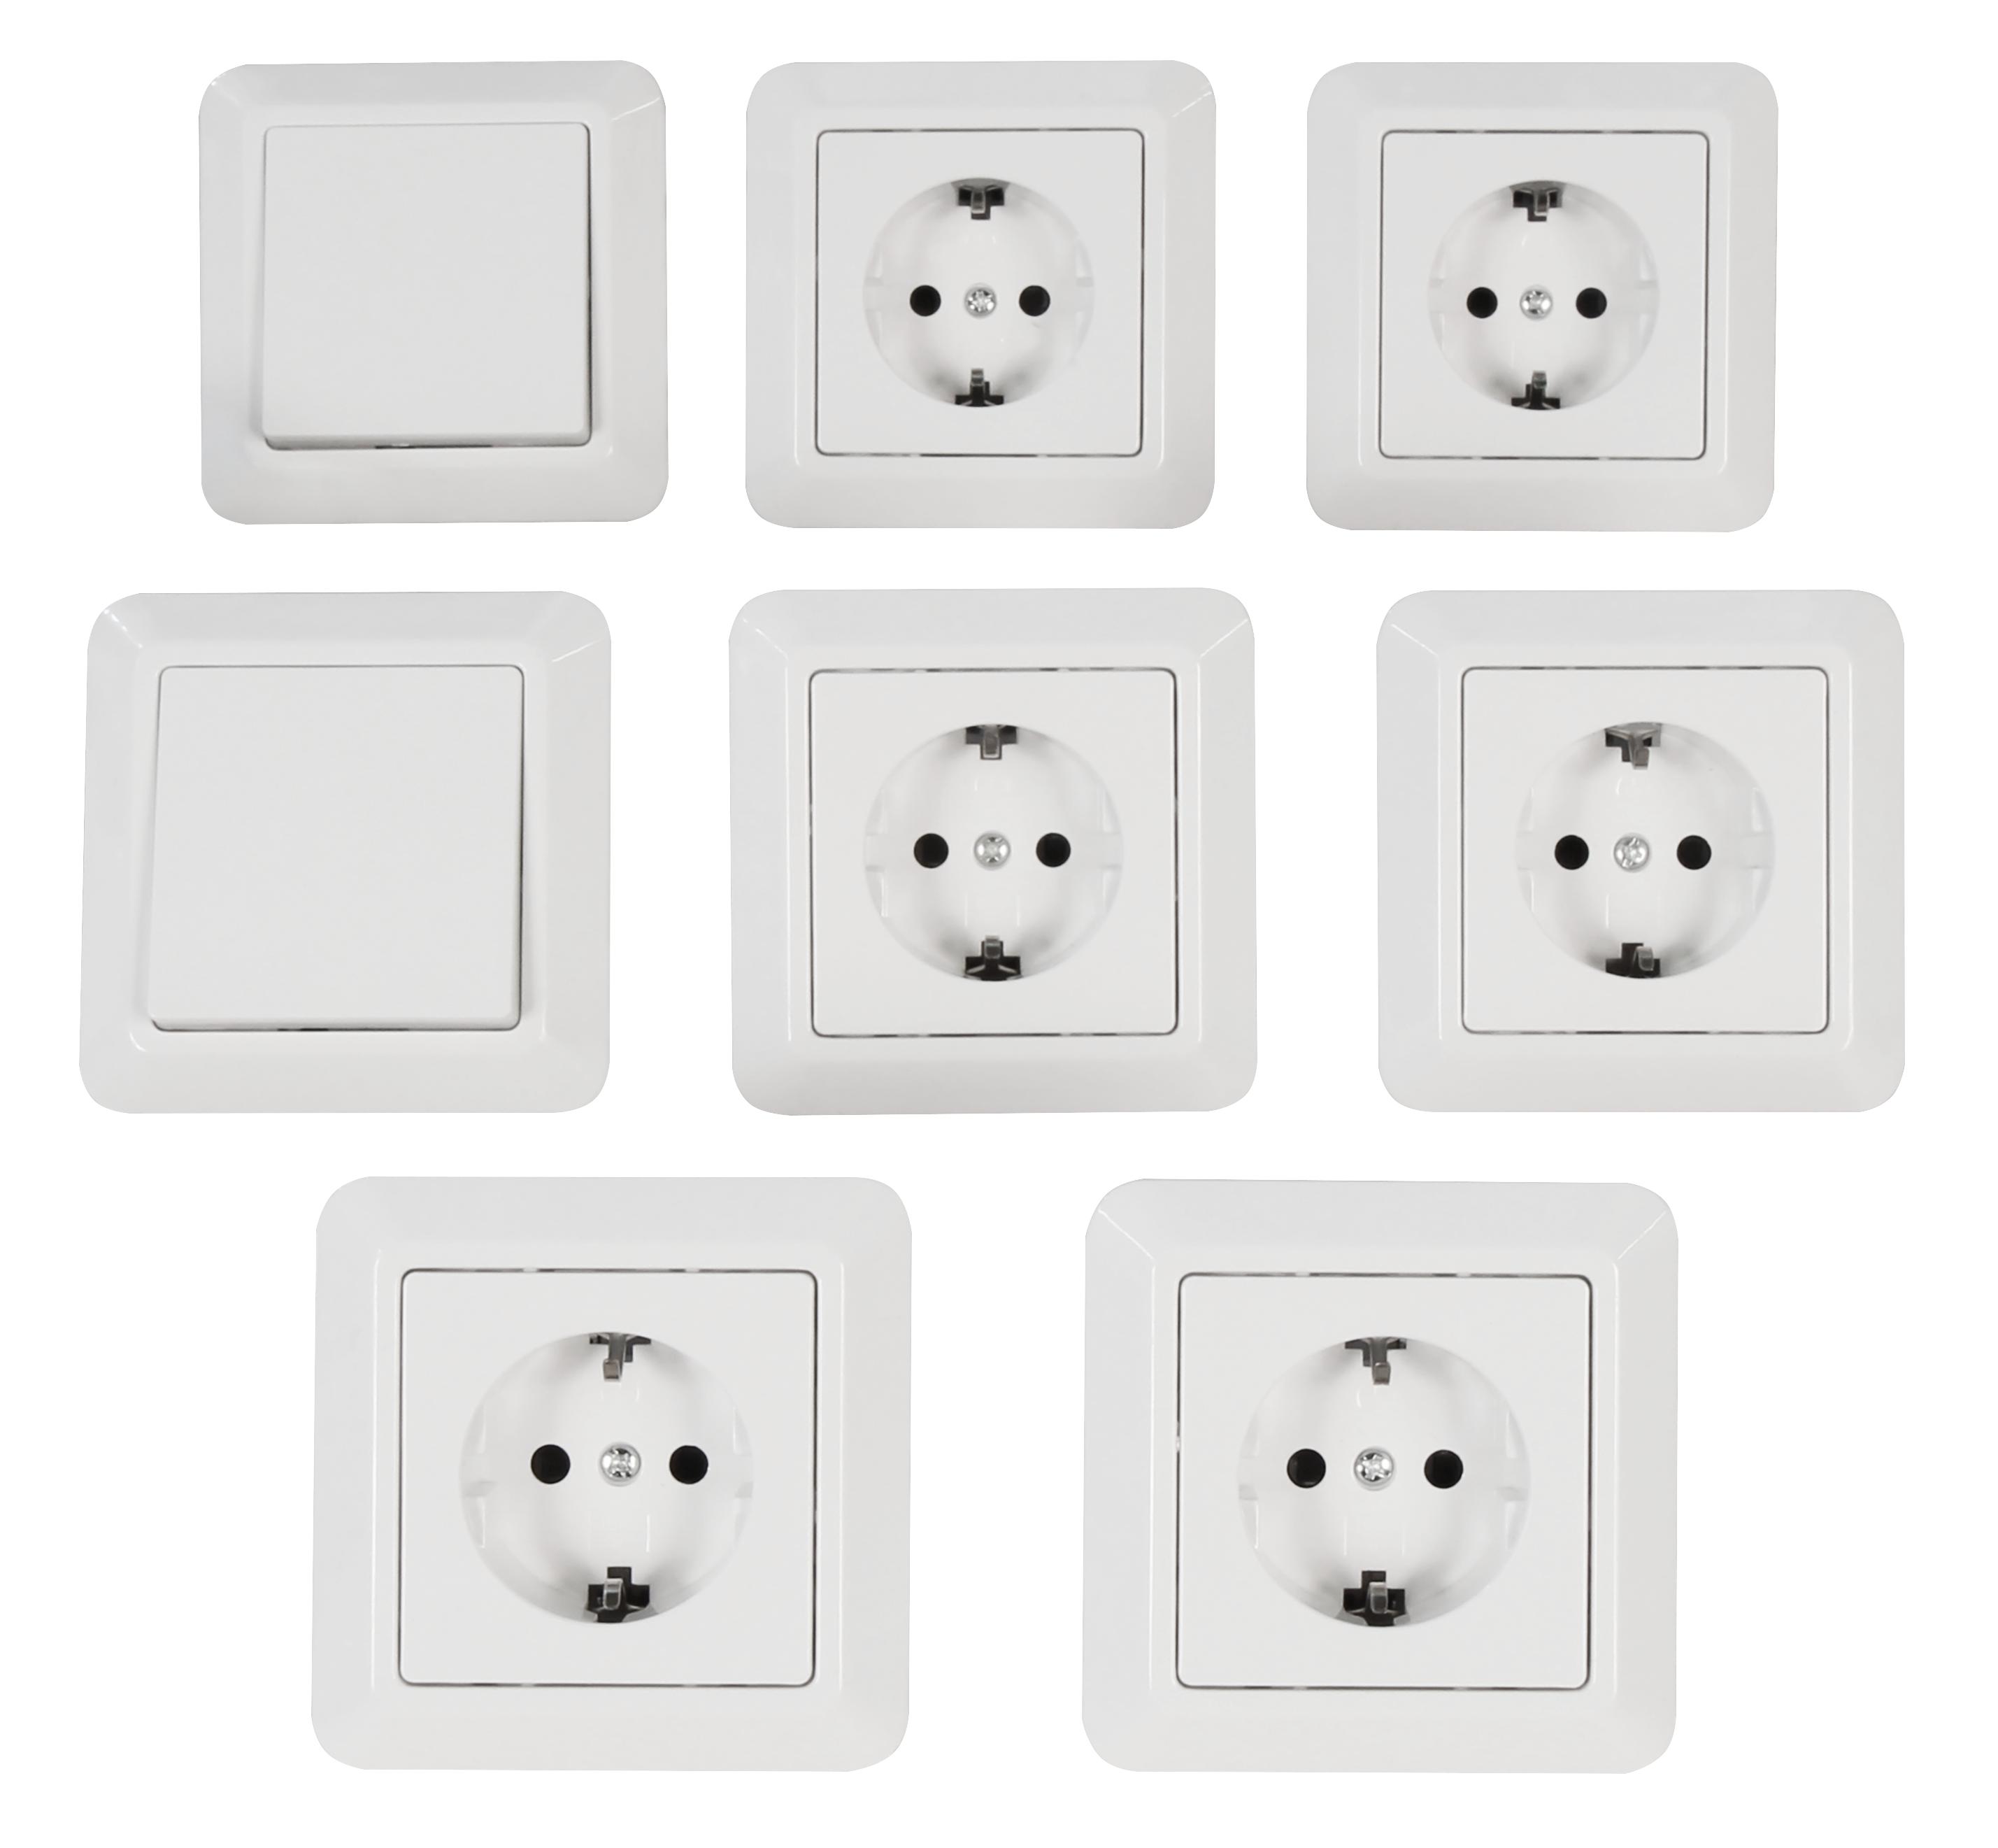 Schalter /& Steckdosenset weiss Einsteiger 16 teilig Steckdosen Schalter Rahmen